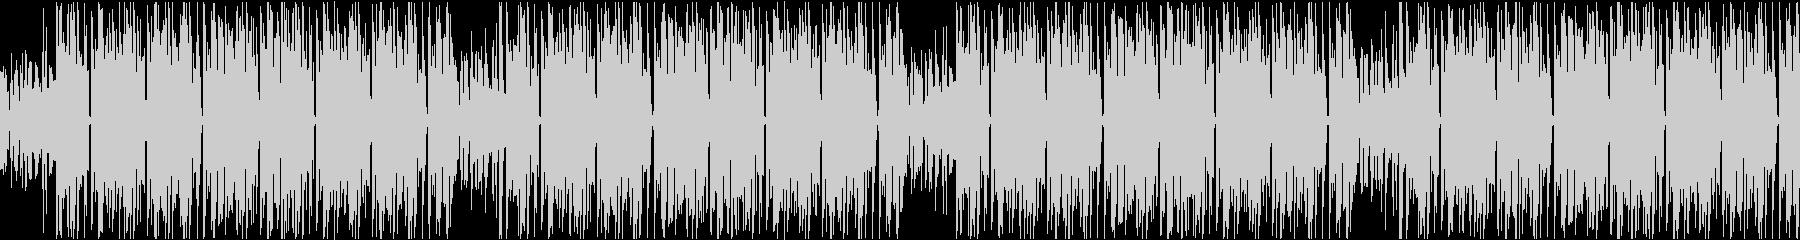 暗めでクールなHIPHOP系ループの未再生の波形